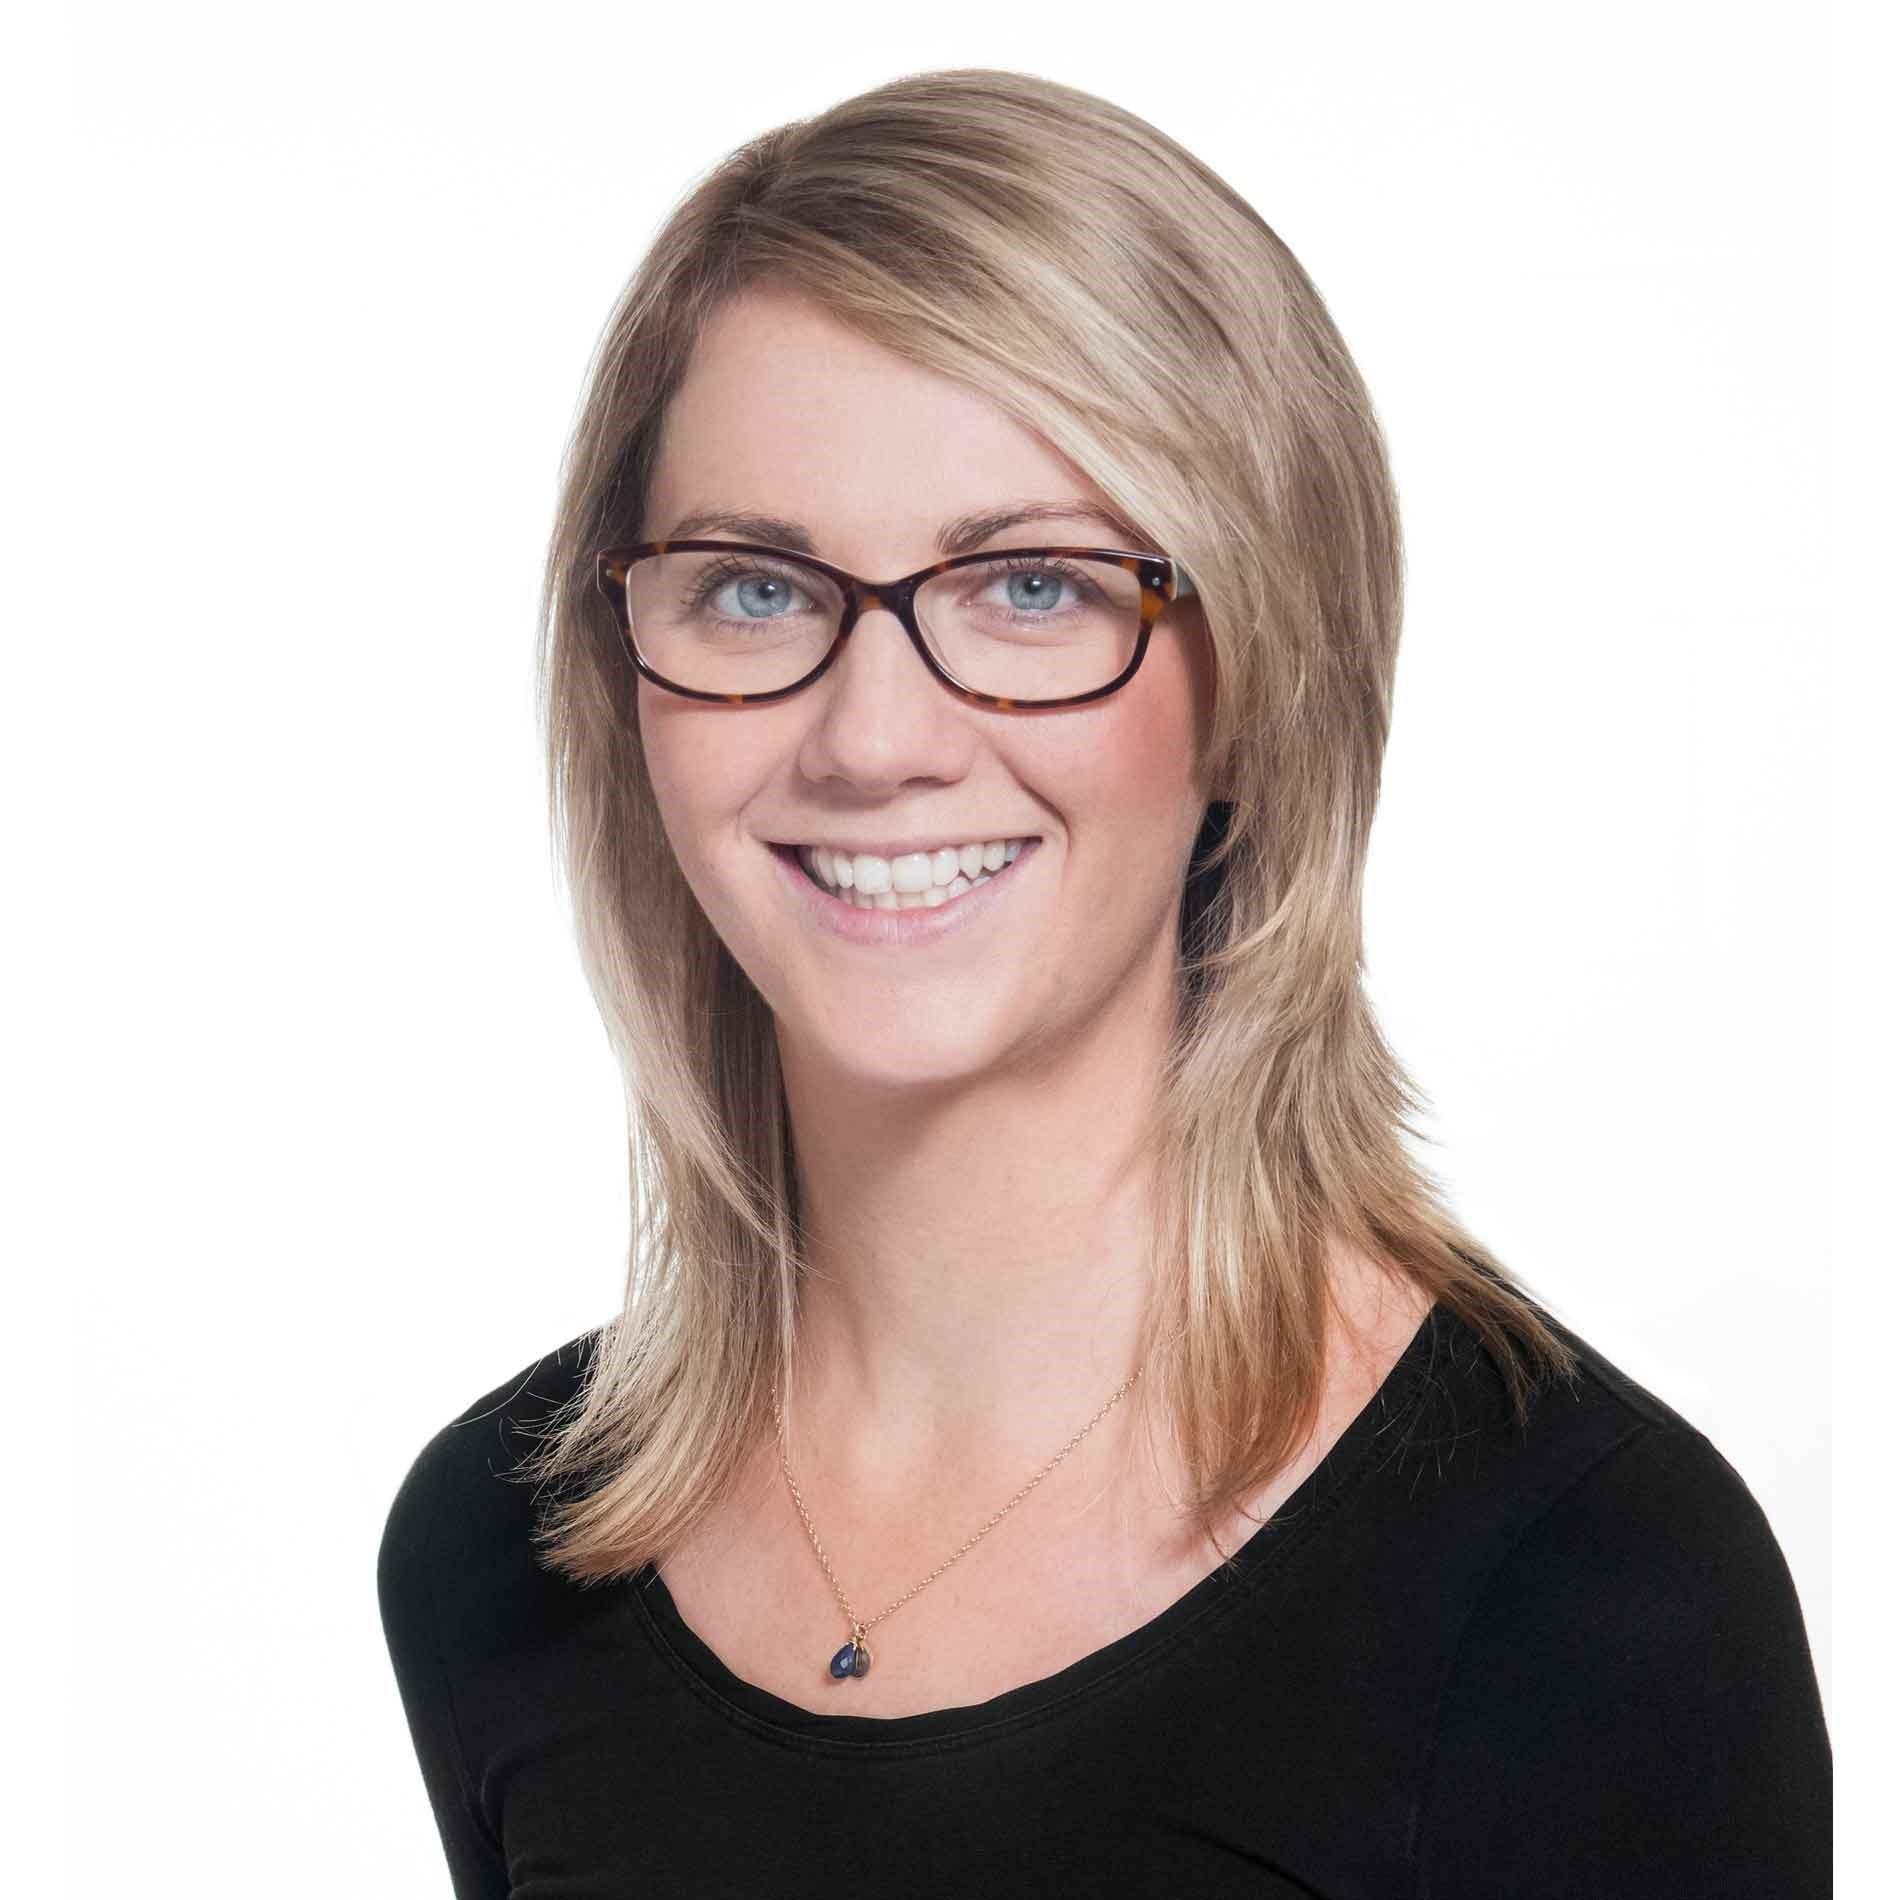 Laura Slattery